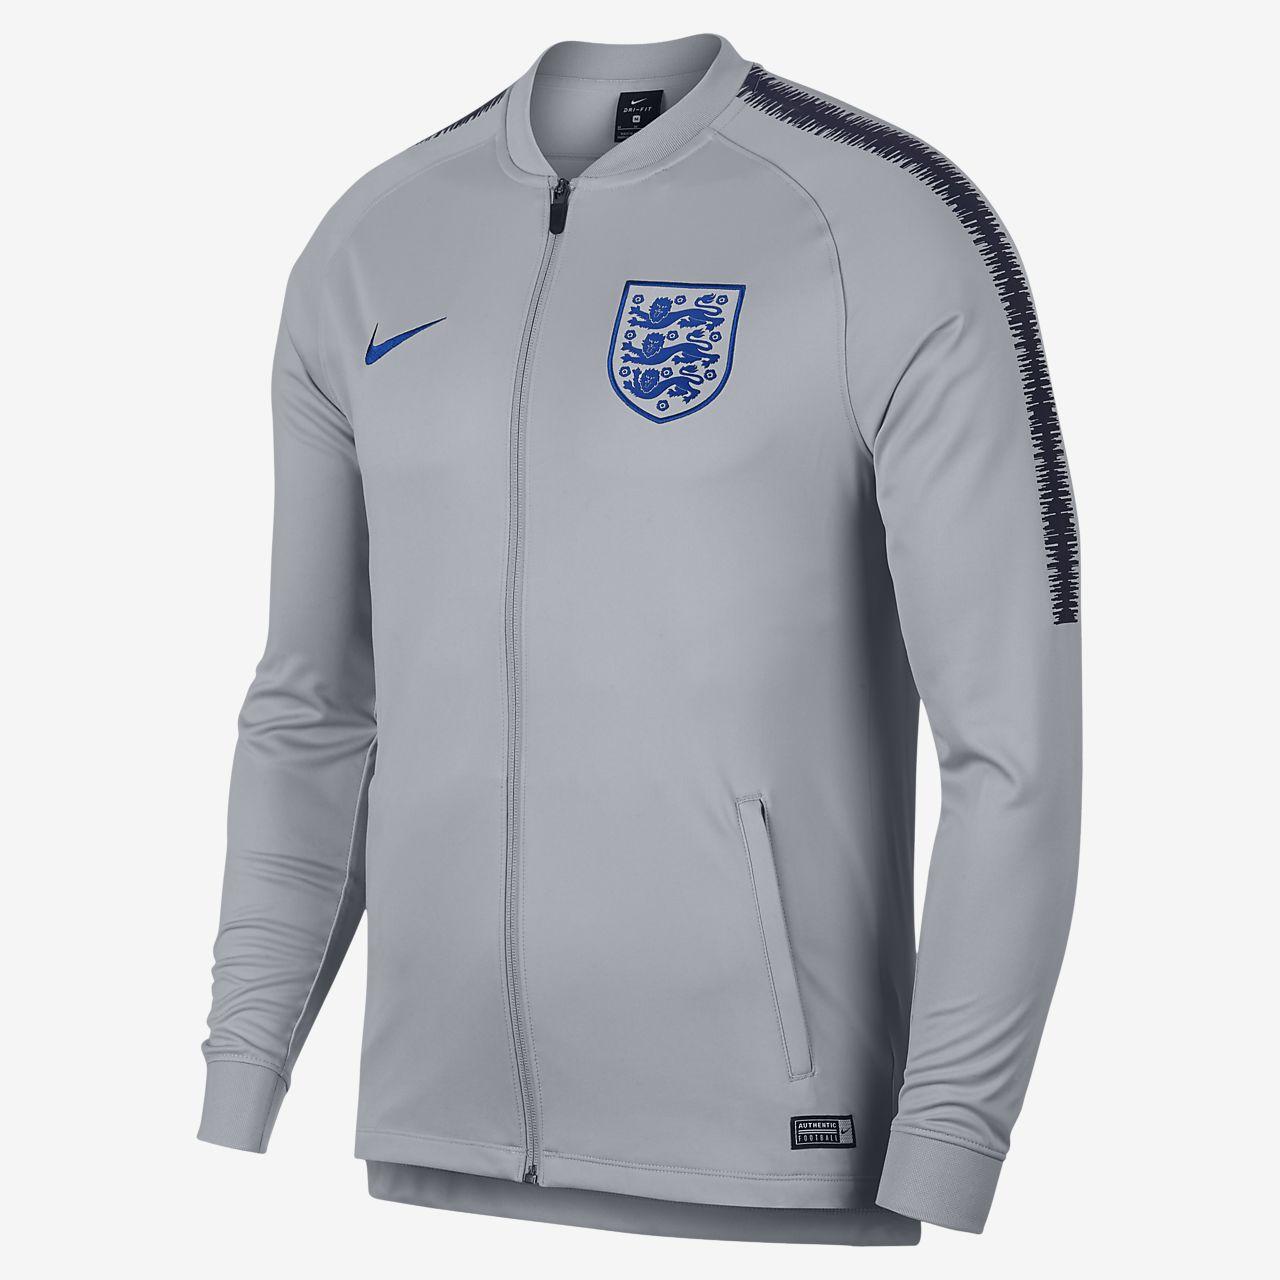 Ca Homme Dri Pour Veste Squad De Fit Survêtement England xw0xqB1C8